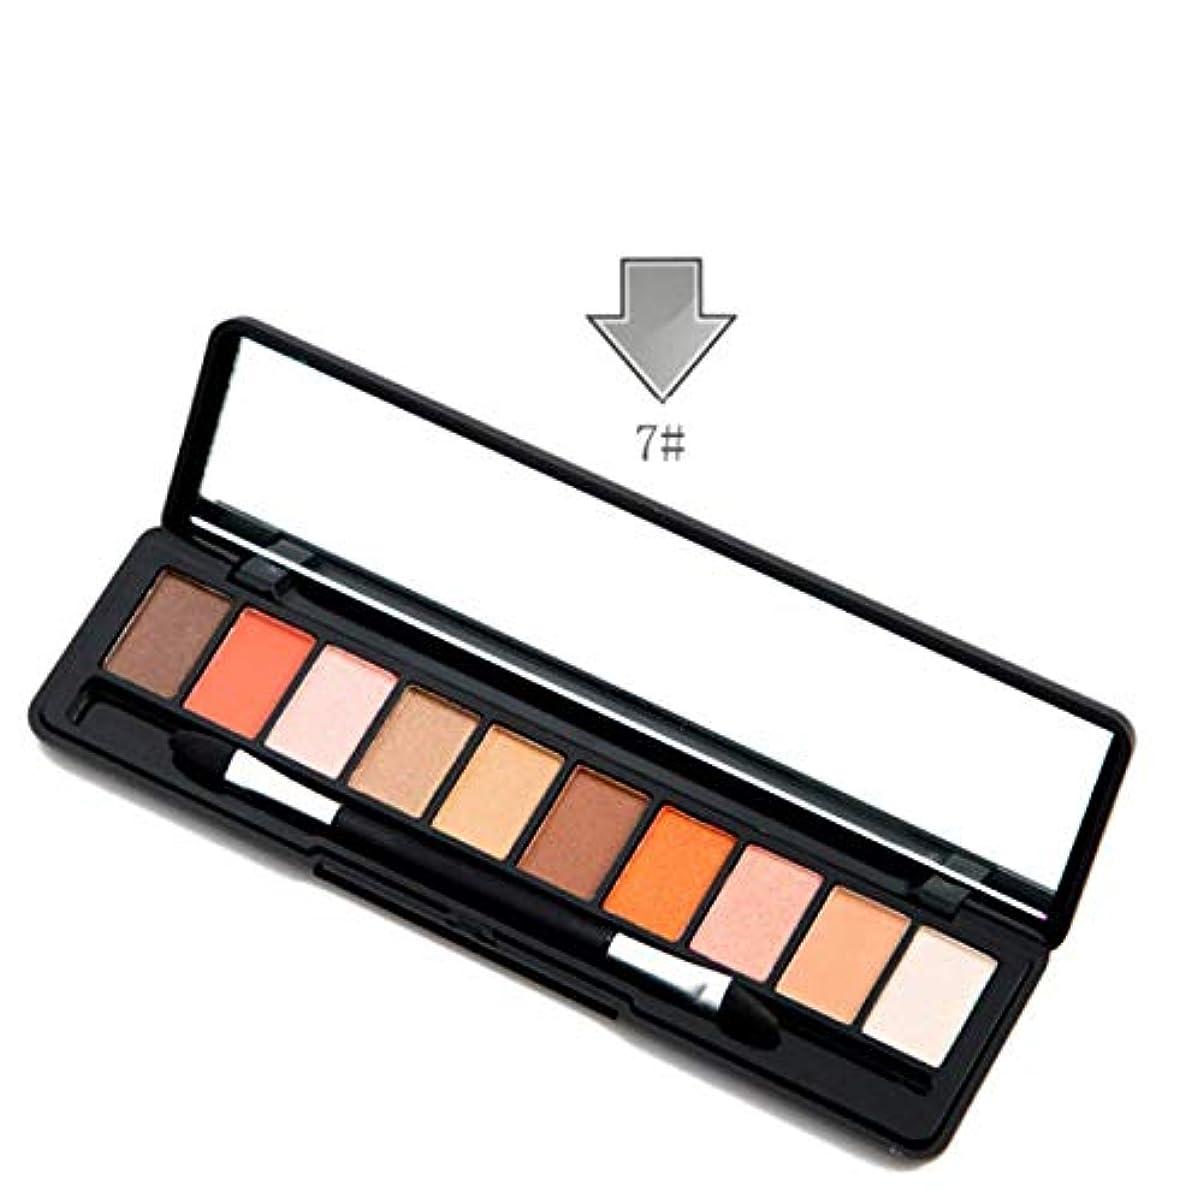 セメント私たちのもの行くFidgetGear 10色化粧マットアイシャドウパウダーシマーアイシャドウパレットブラシセット #7